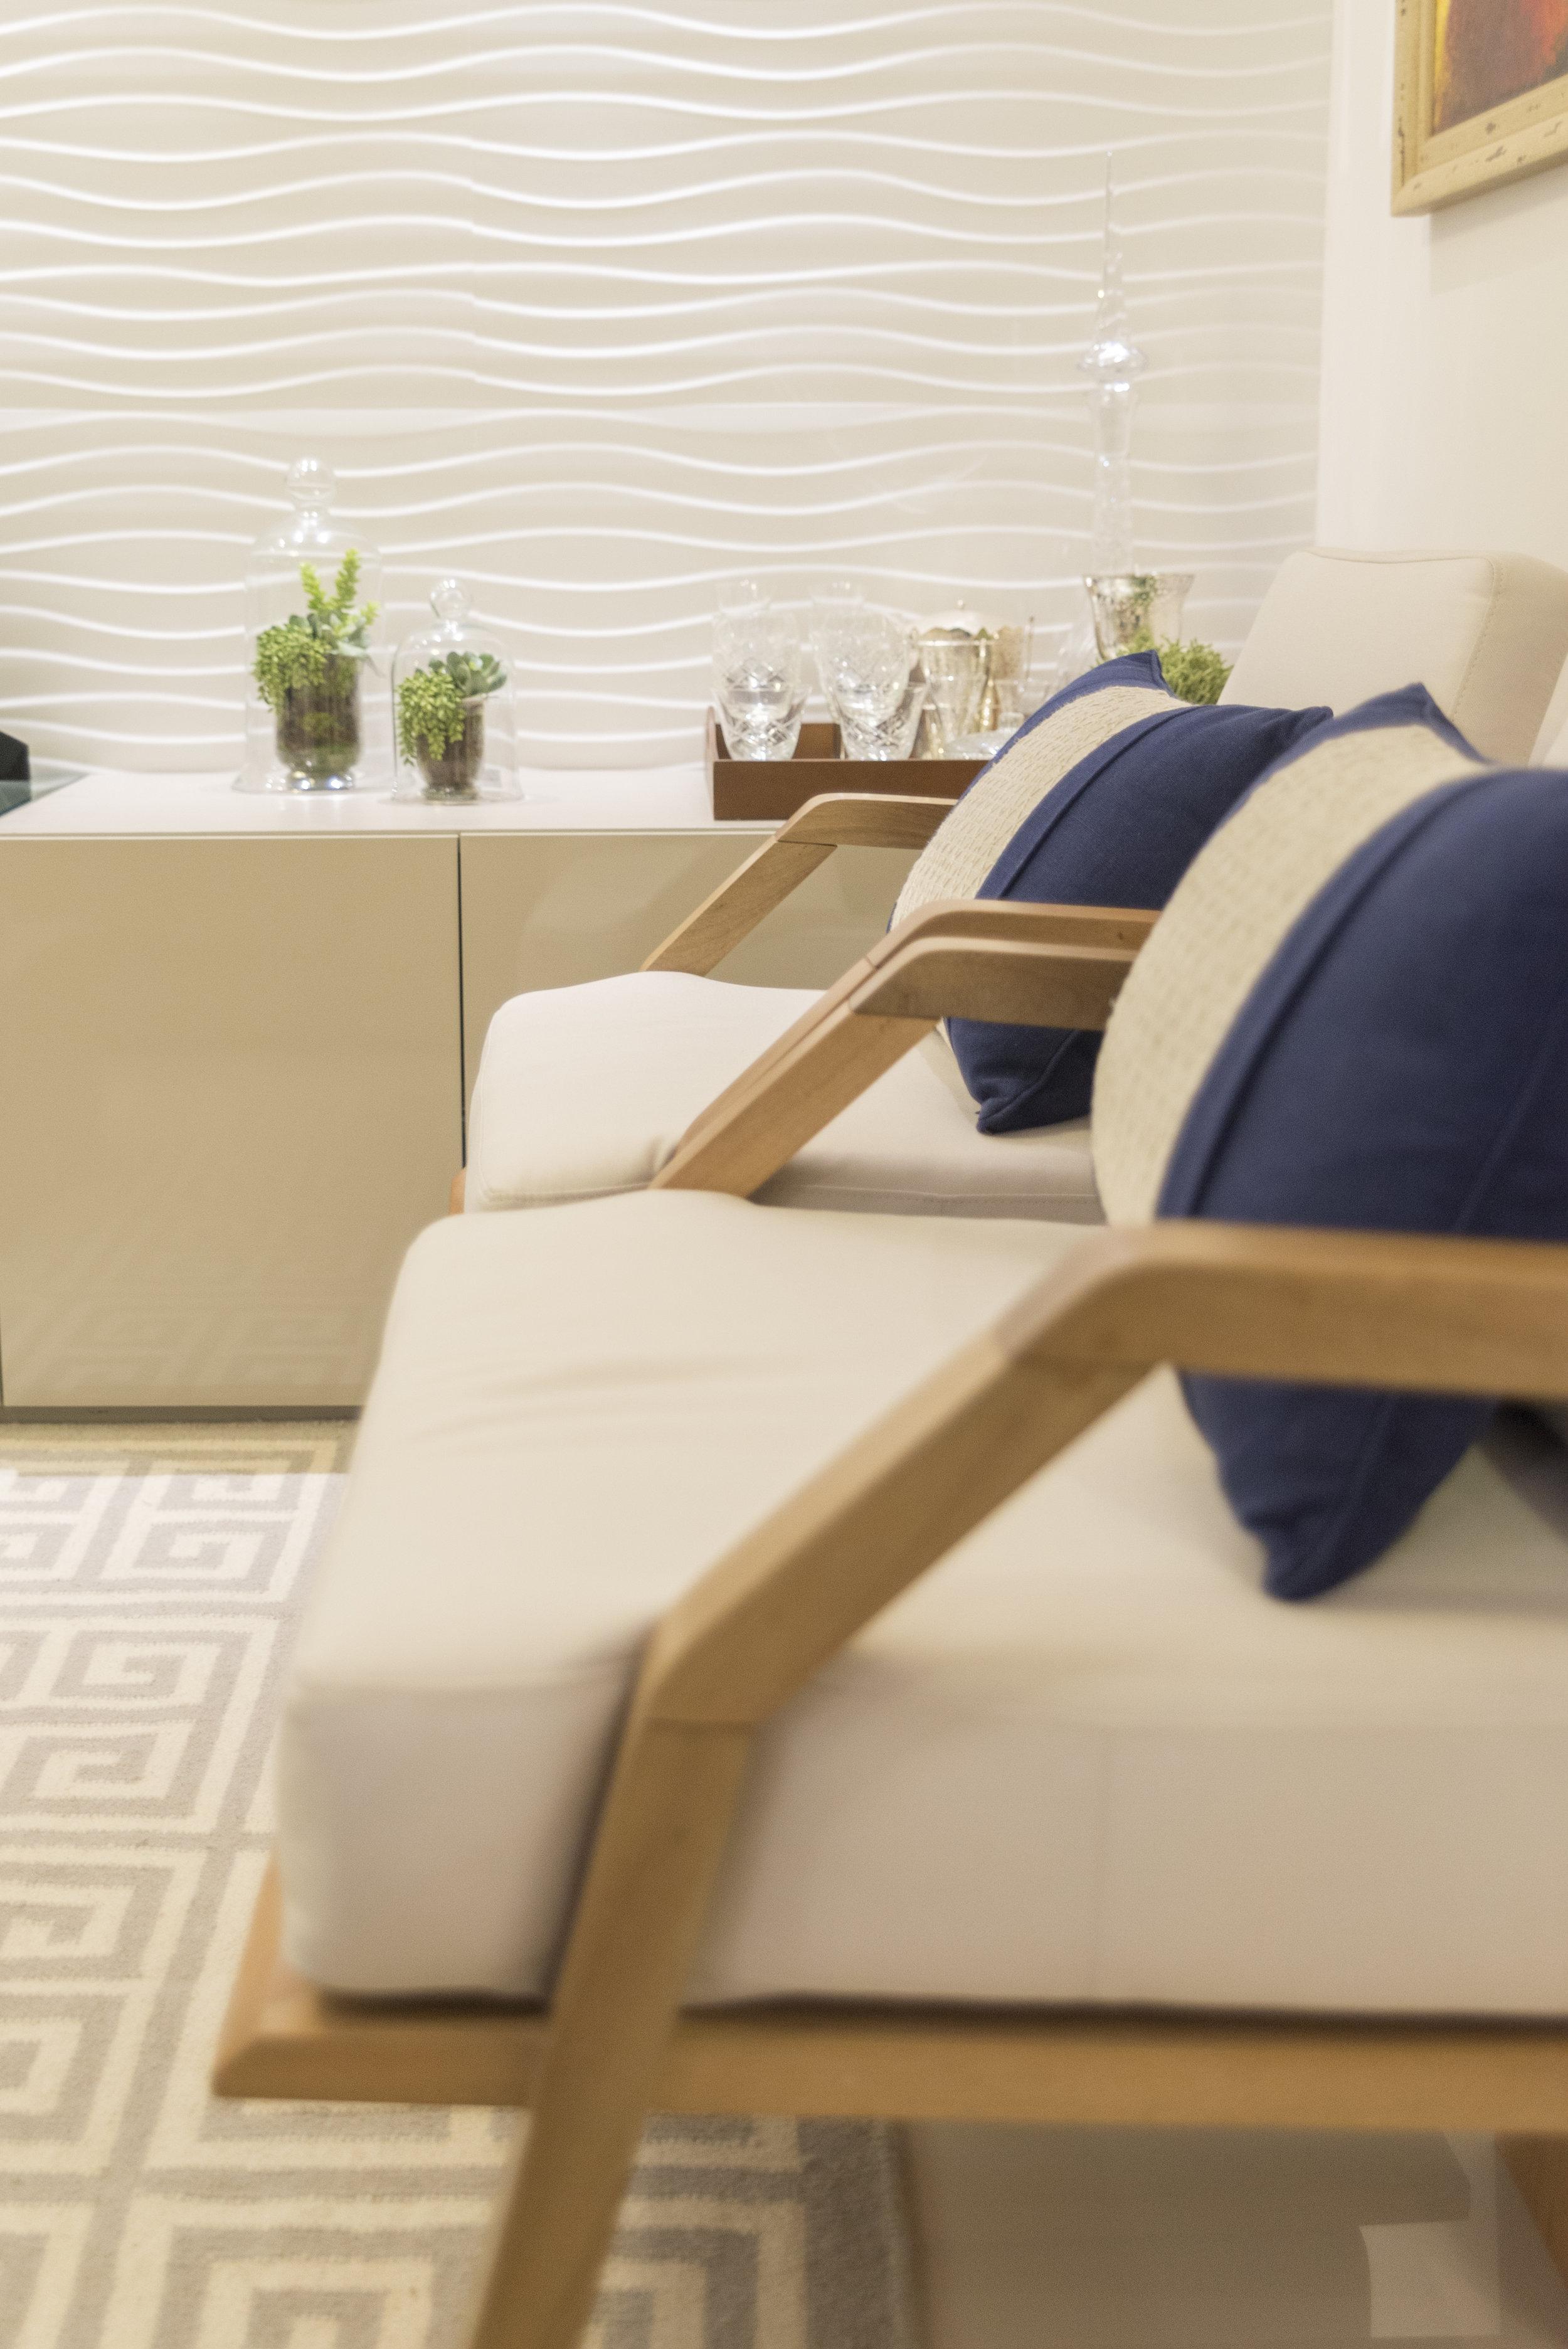 projeto-arquitetonico-luciananilton-duo-arquitetura-apartamentos-natal-032.jpg